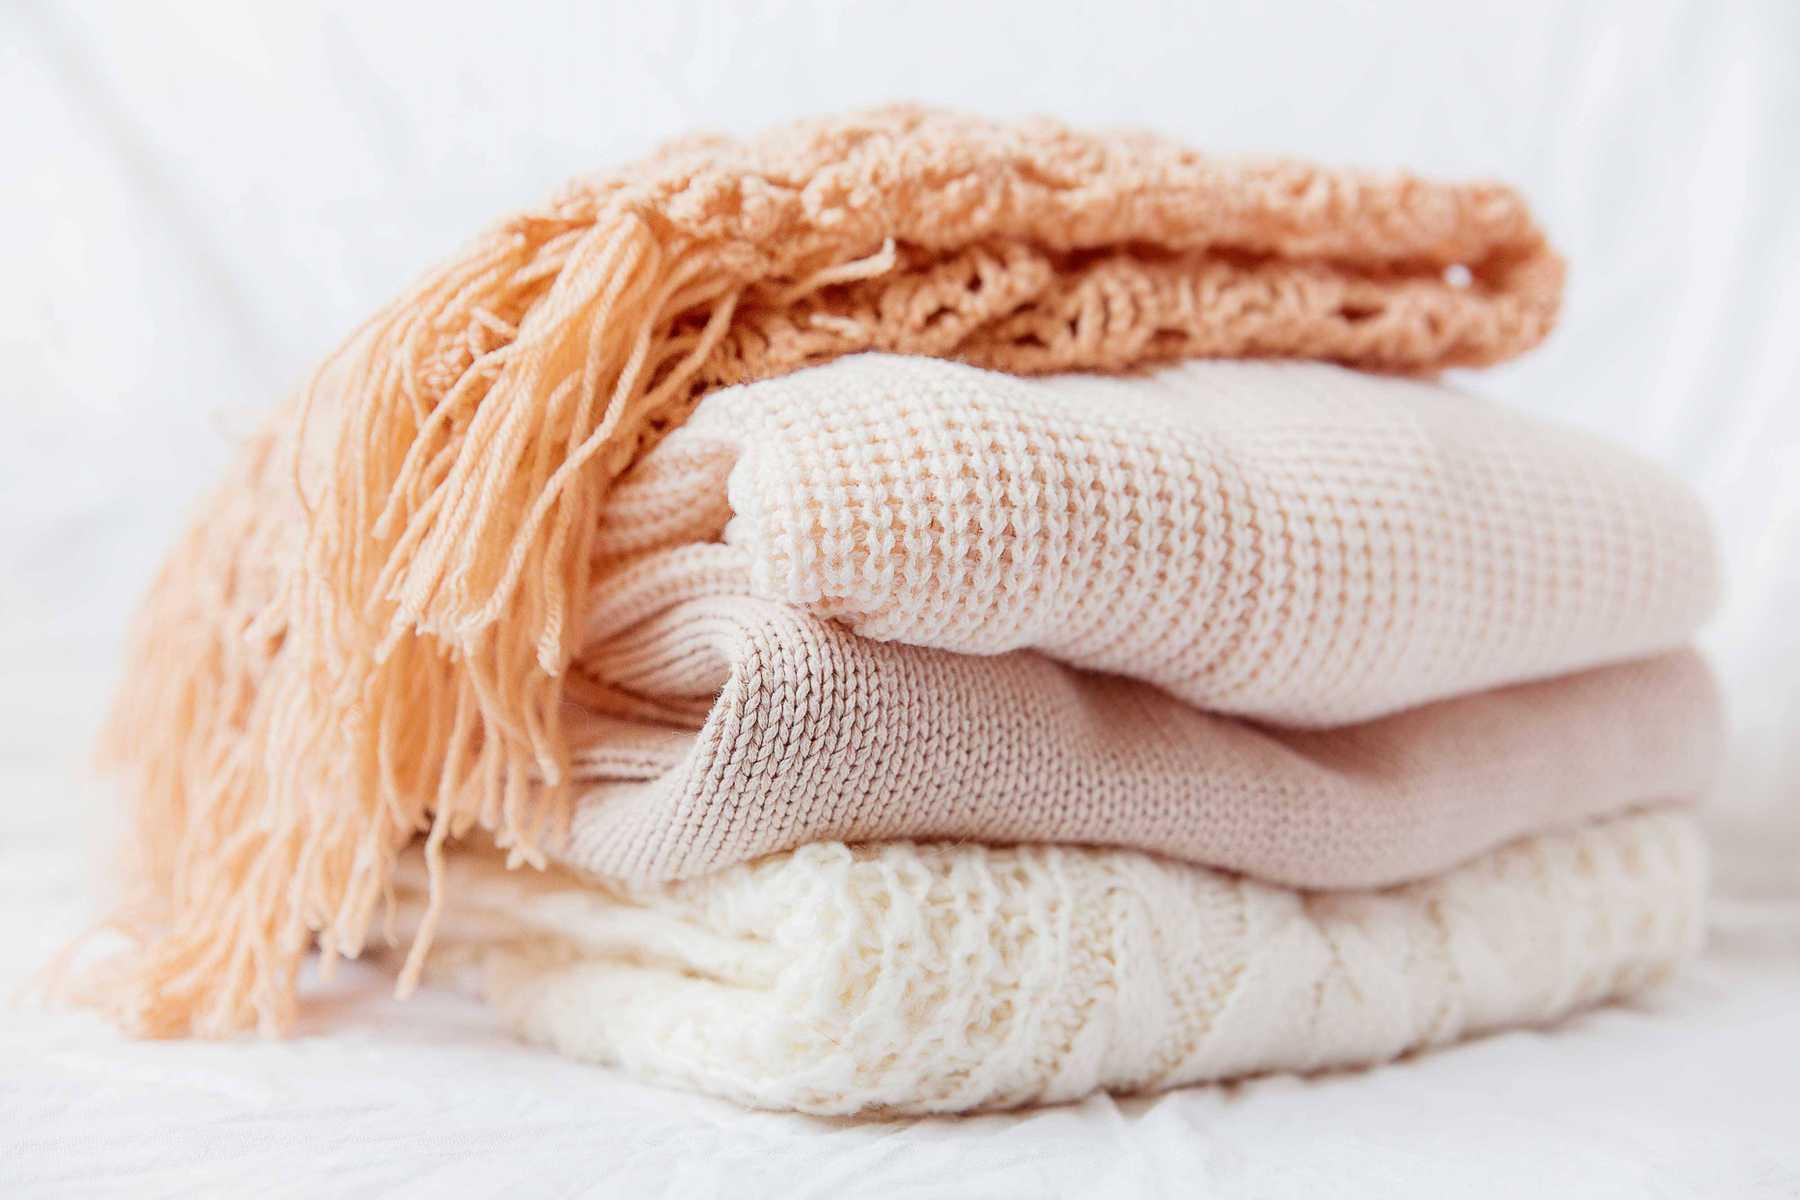 5 Mẫu khăn len nữ đẹp chuẩn cô gái mùa đông cho nàng | Cleanipedia